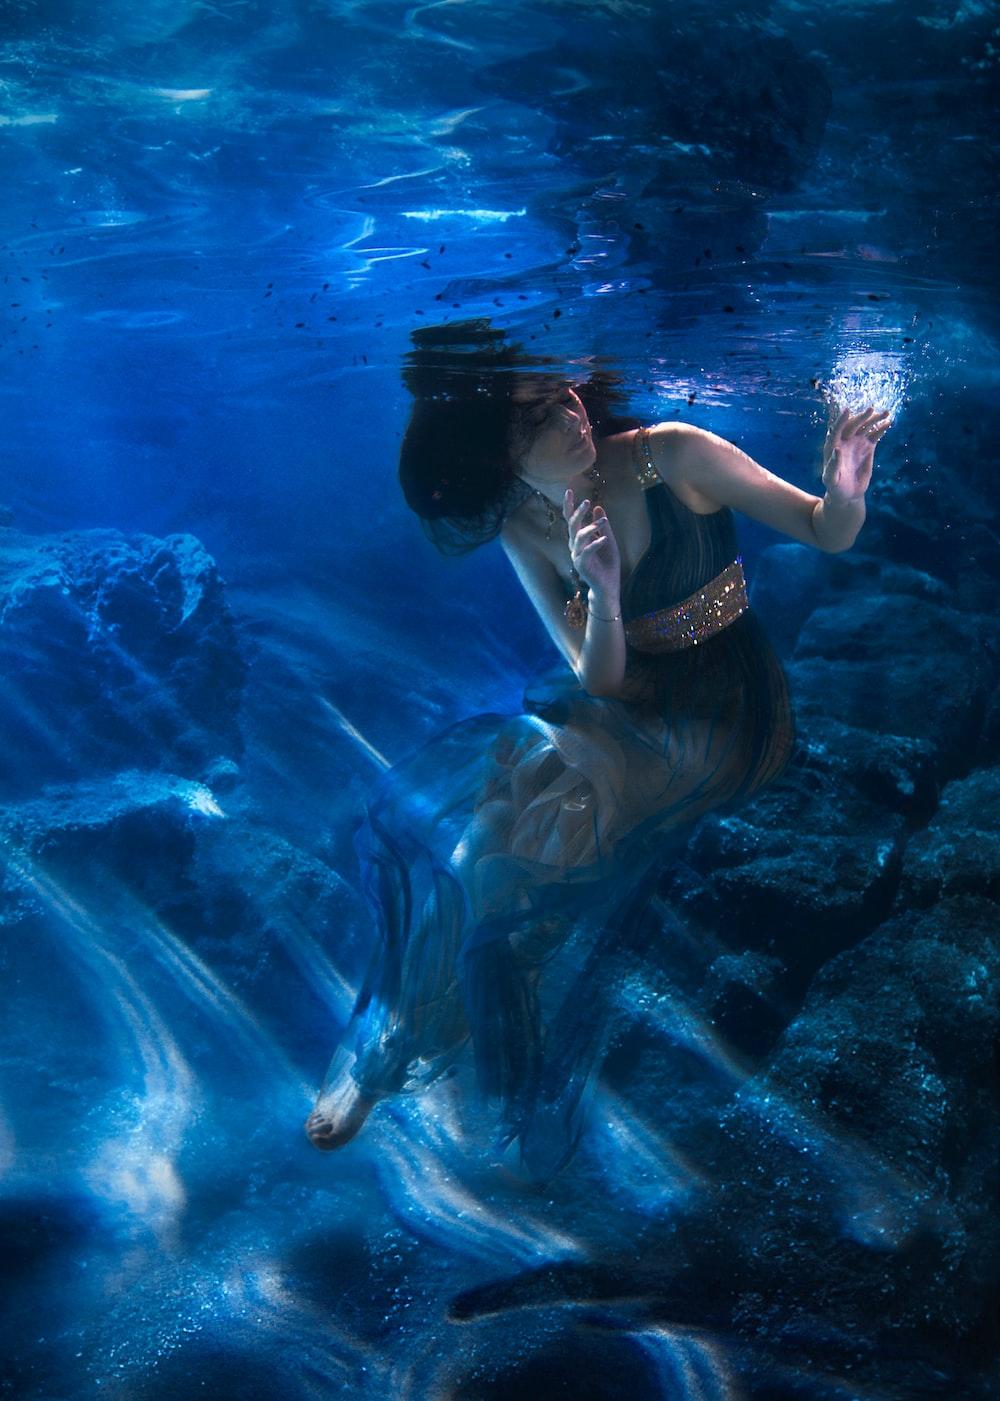 woman in black bikini swimming in water